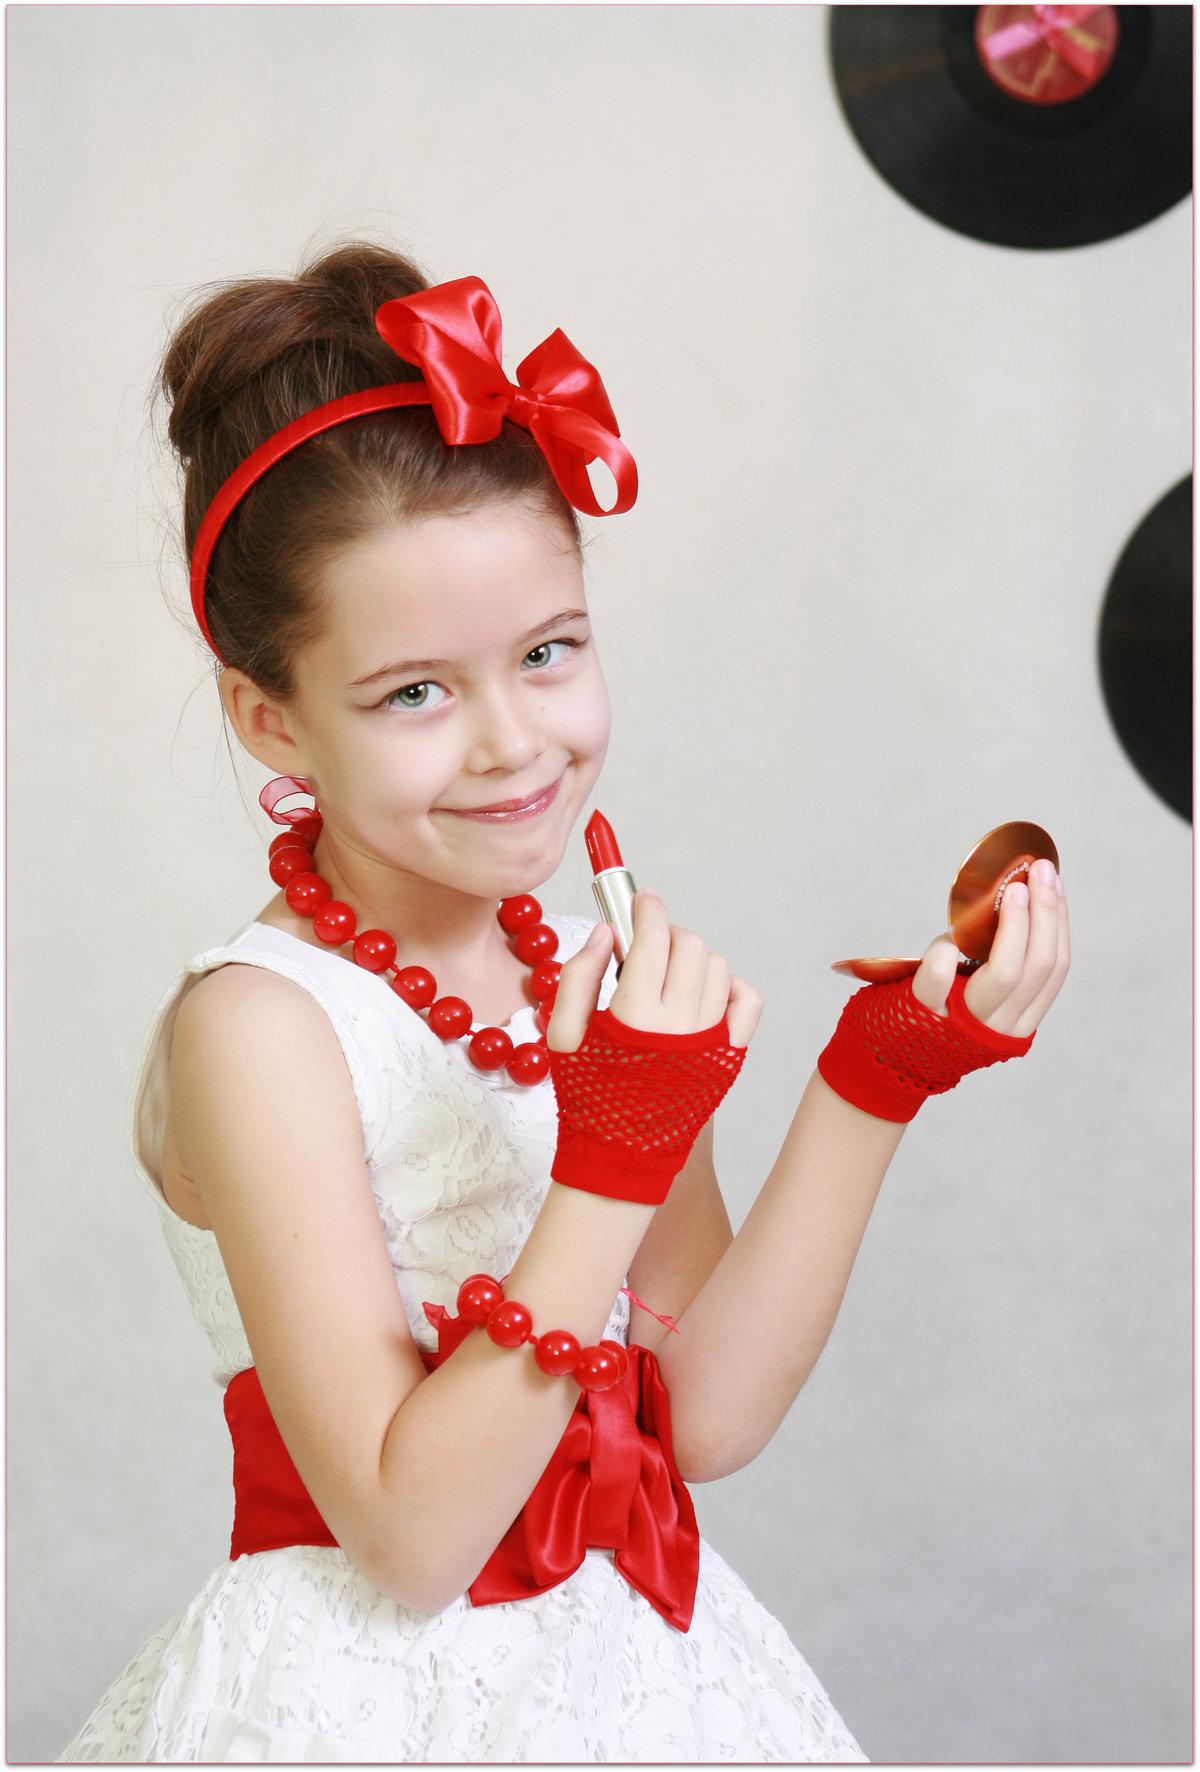 Прически стиляг для девочек фото